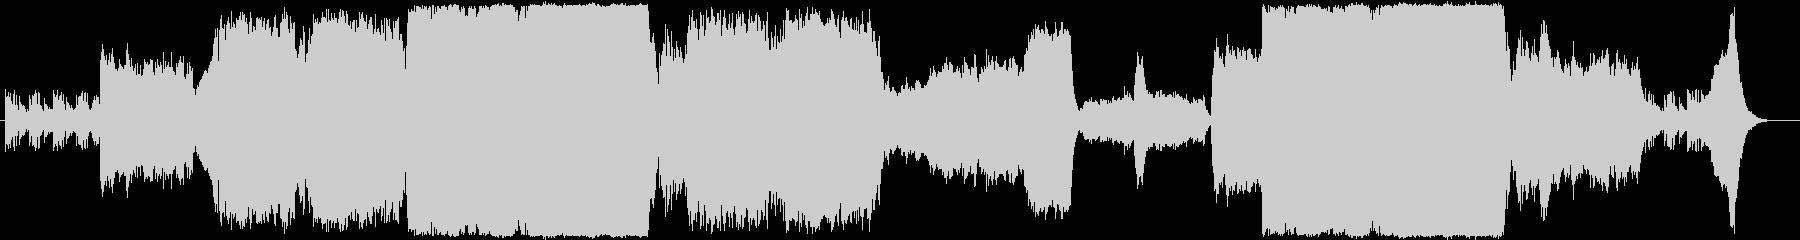 重厚壮大なエピック系オーケストラBGMの未再生の波形